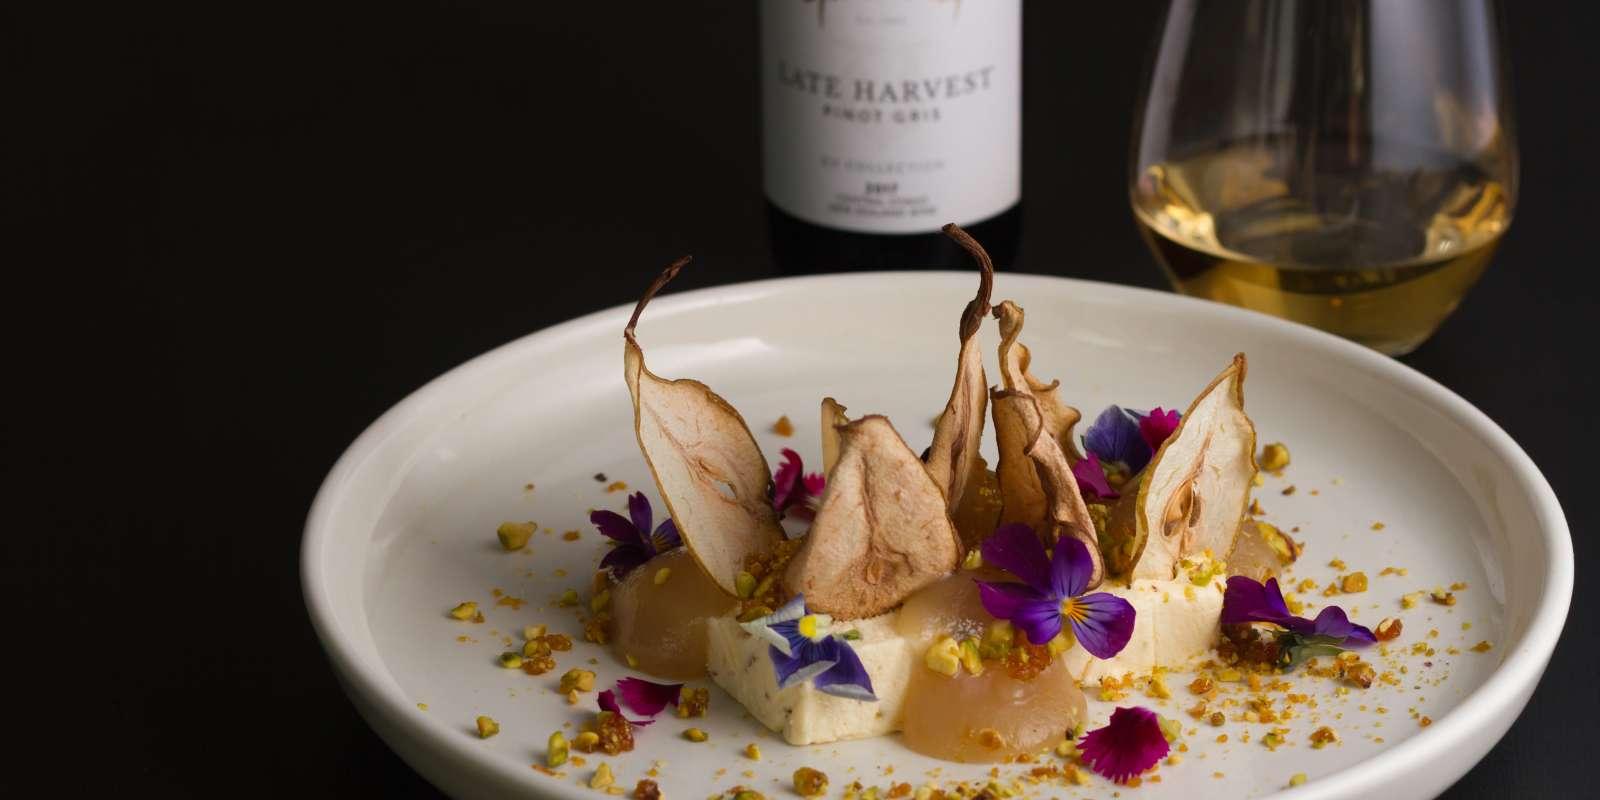 Gibbston Valley Winery Restaurant Honey Pistachio Parfait